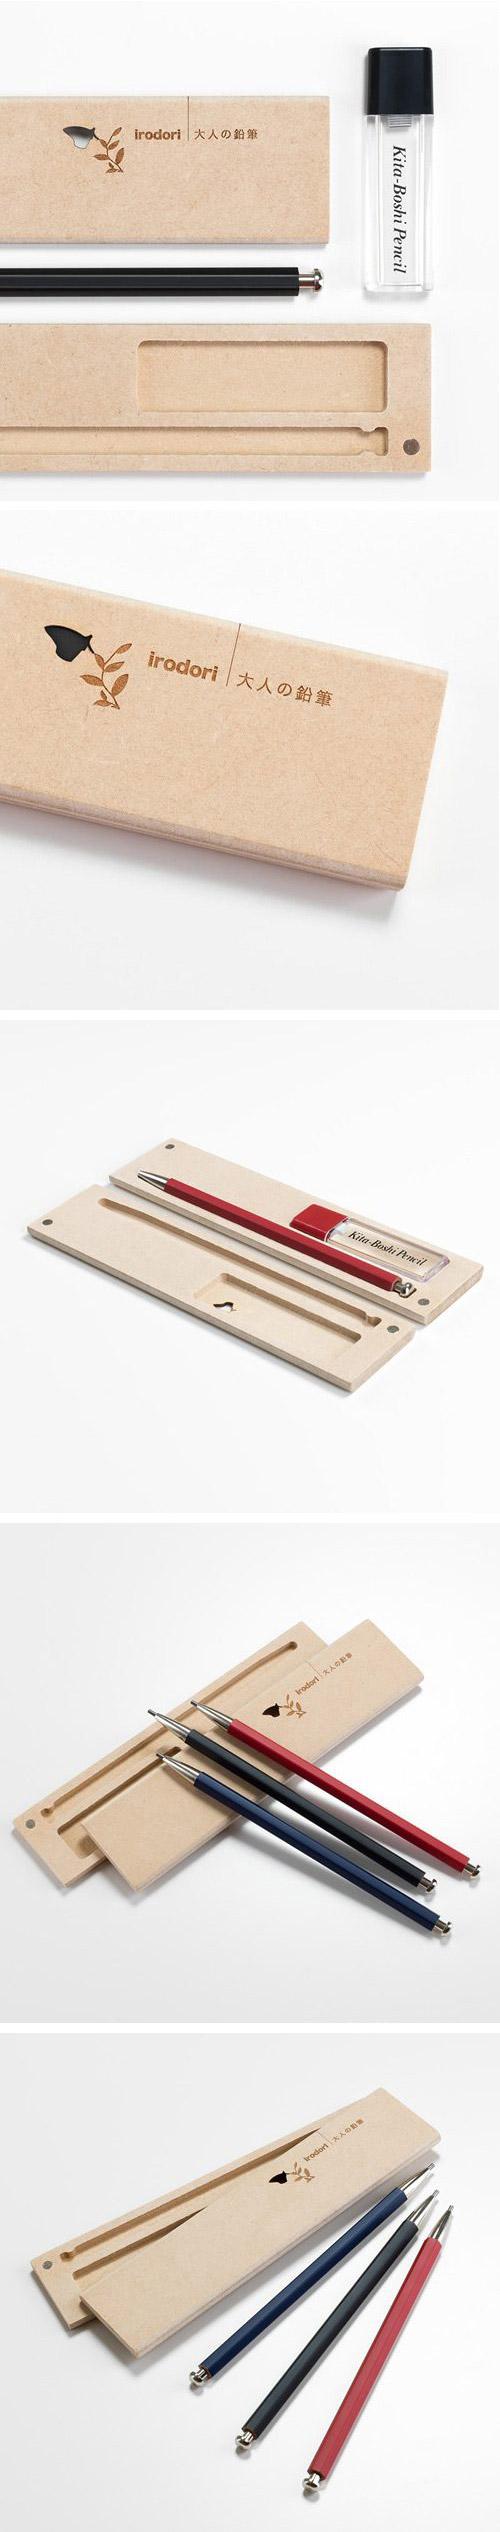 北星大人鉛筆 彩 木質筆盒組 黑色